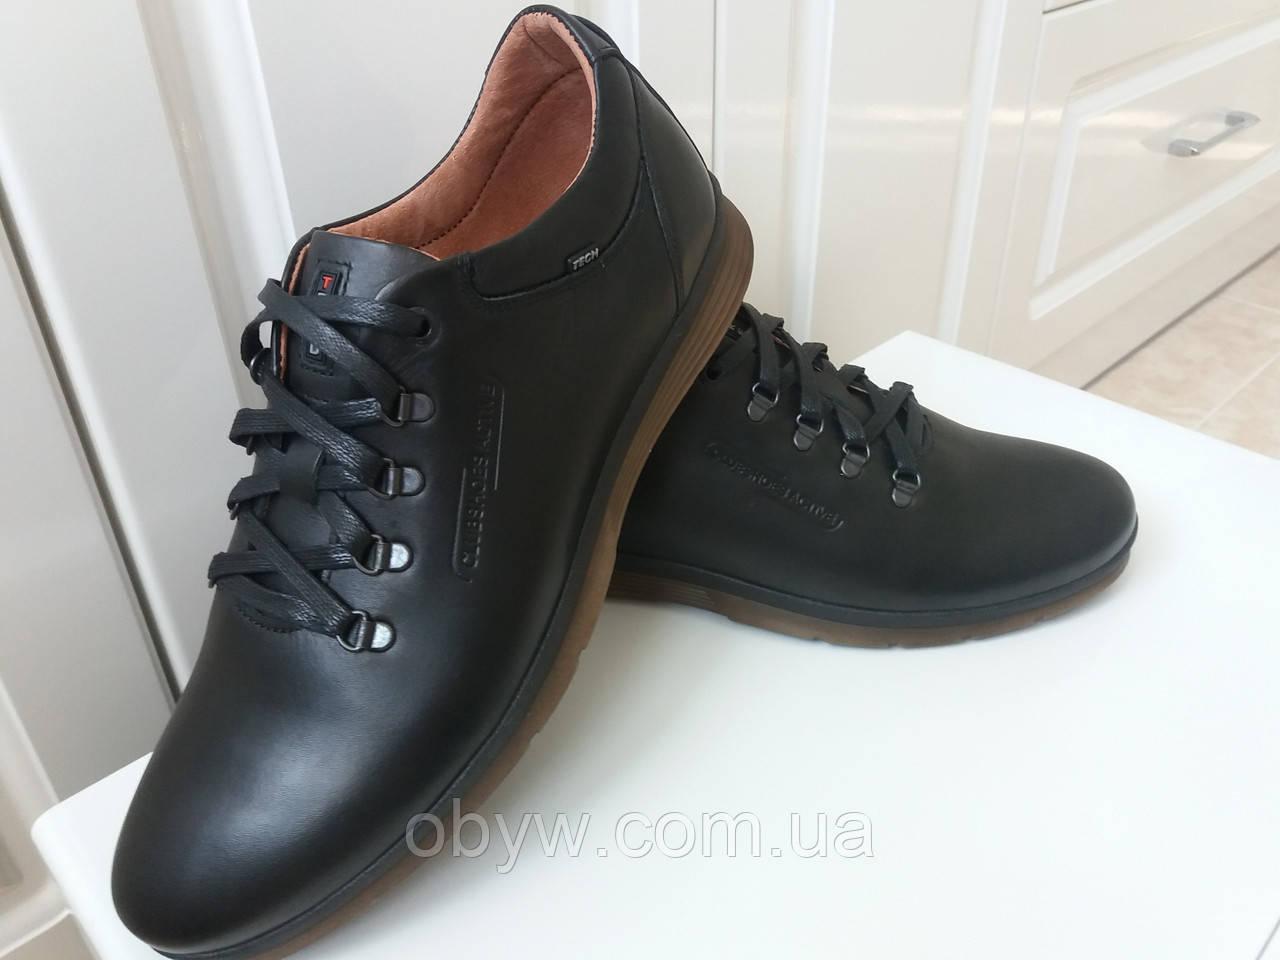 ed1d1550b Осенние туфли мужские кожаные - Весь ассортимент в нашем магазине в наличии.  в Днепре